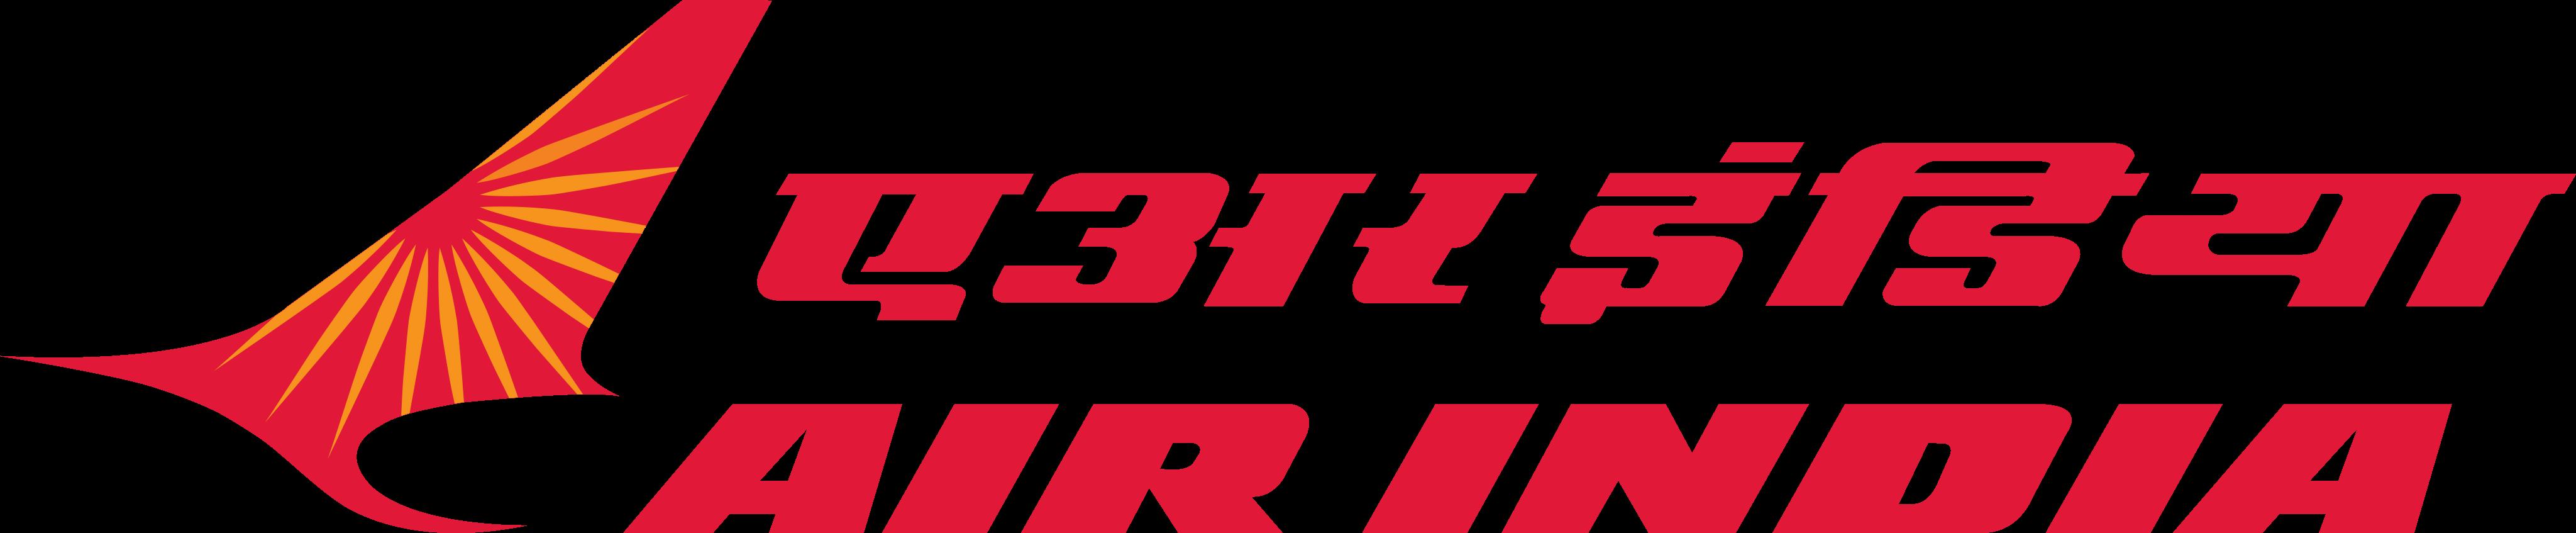 air india logo - Air India Logo